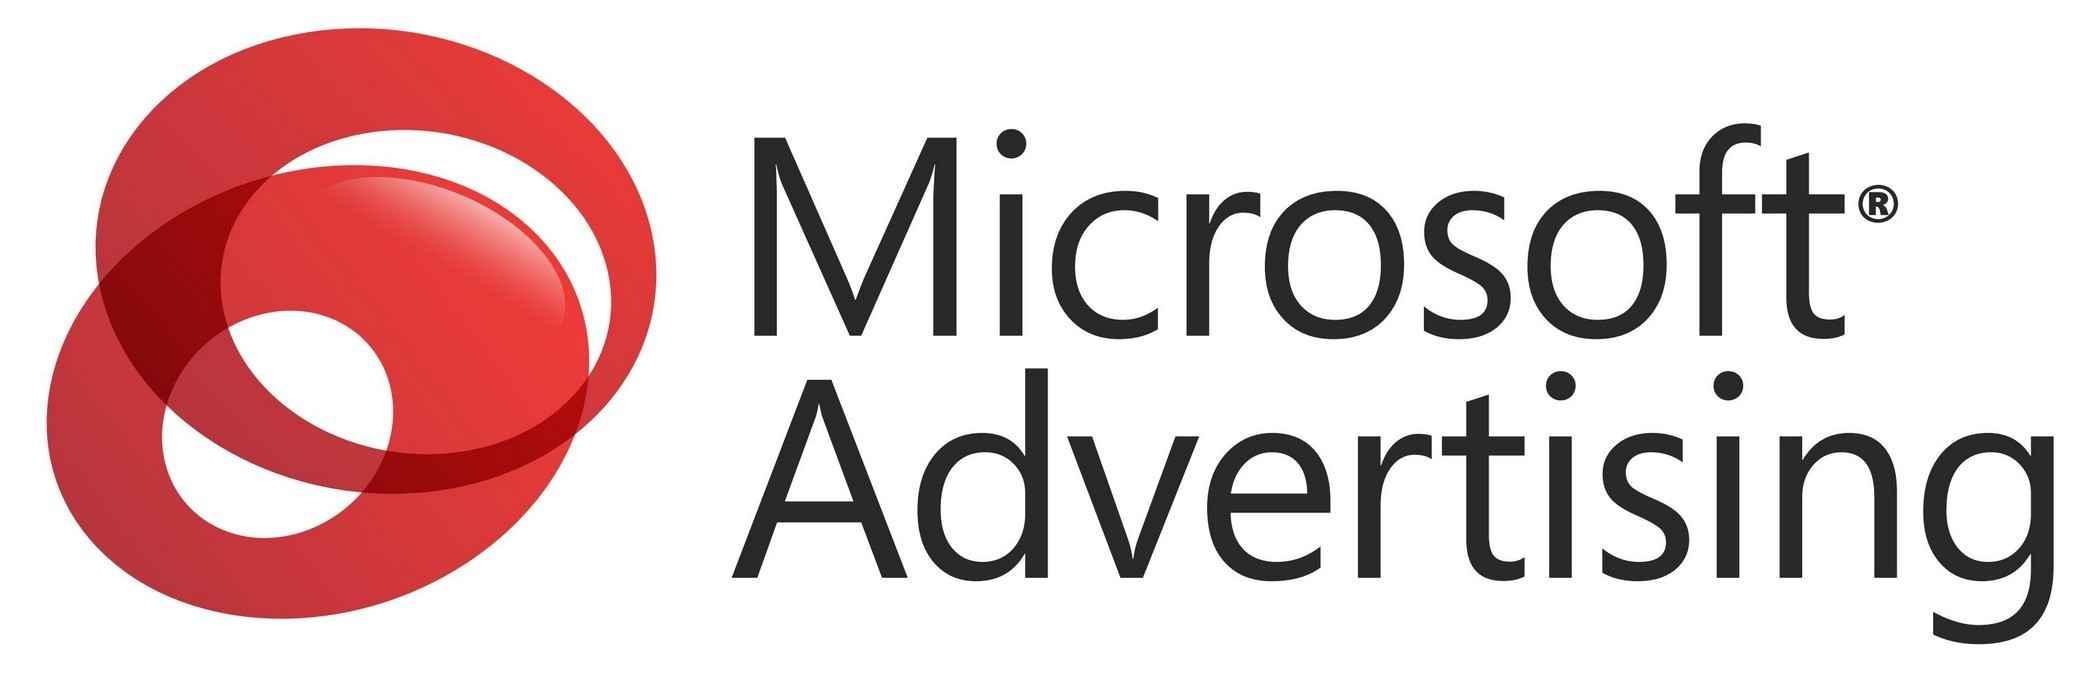 Microsoft Advertising Logo png